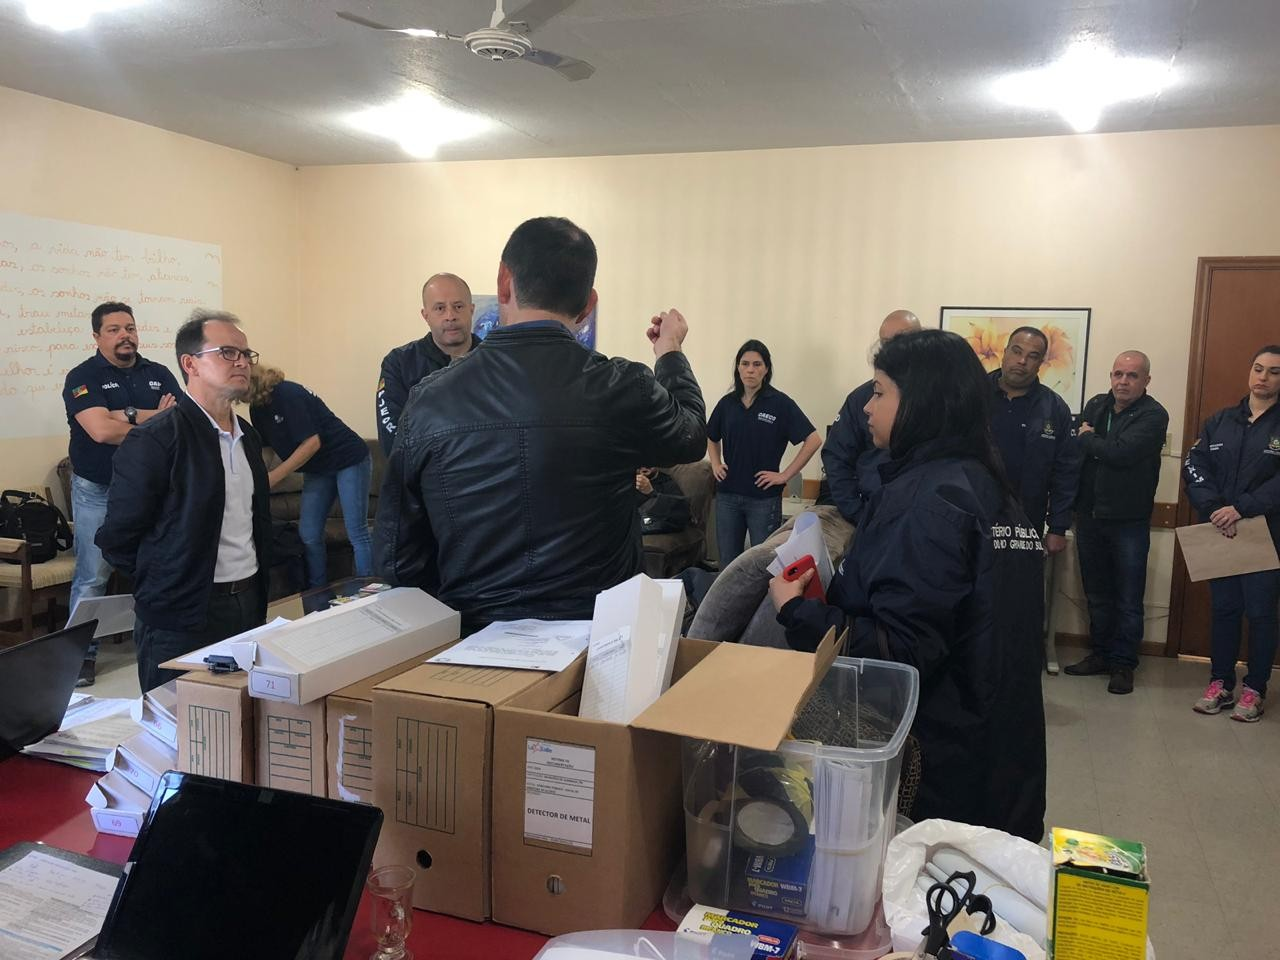 MP realiza operação de blindagem de concurso público em Garibaldi  - Notícias - Plantão Diário